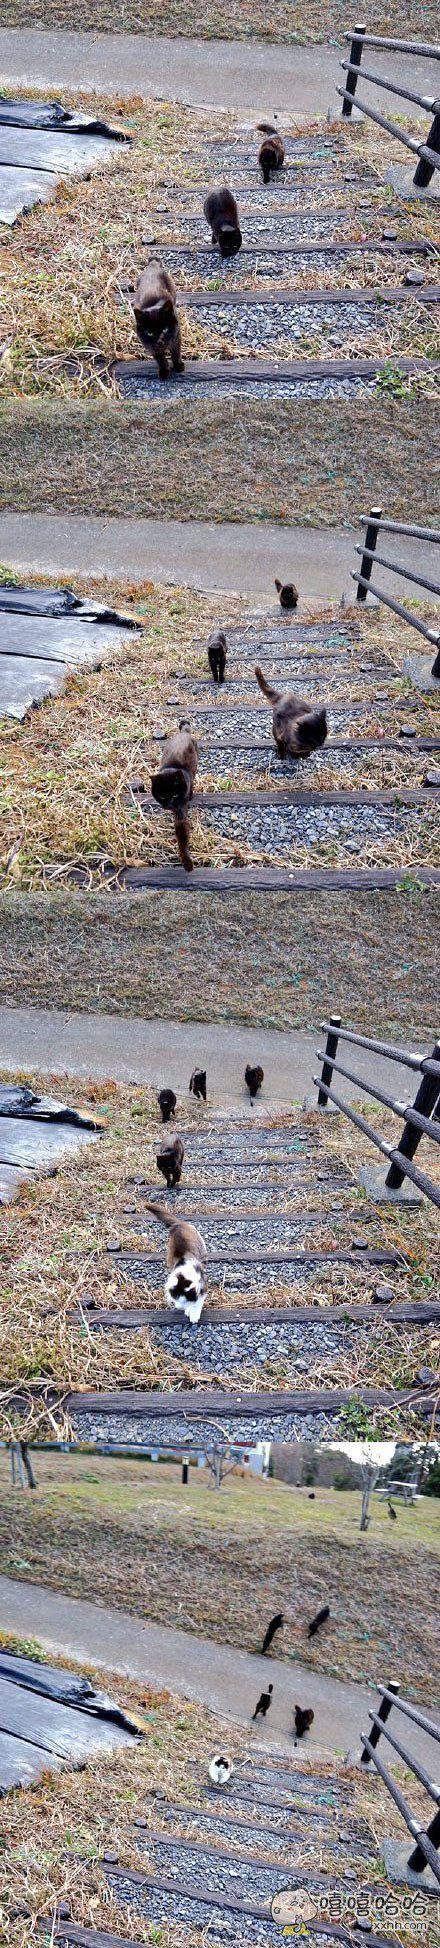 好多野猫纷至沓来,是要参加什么集会吗?